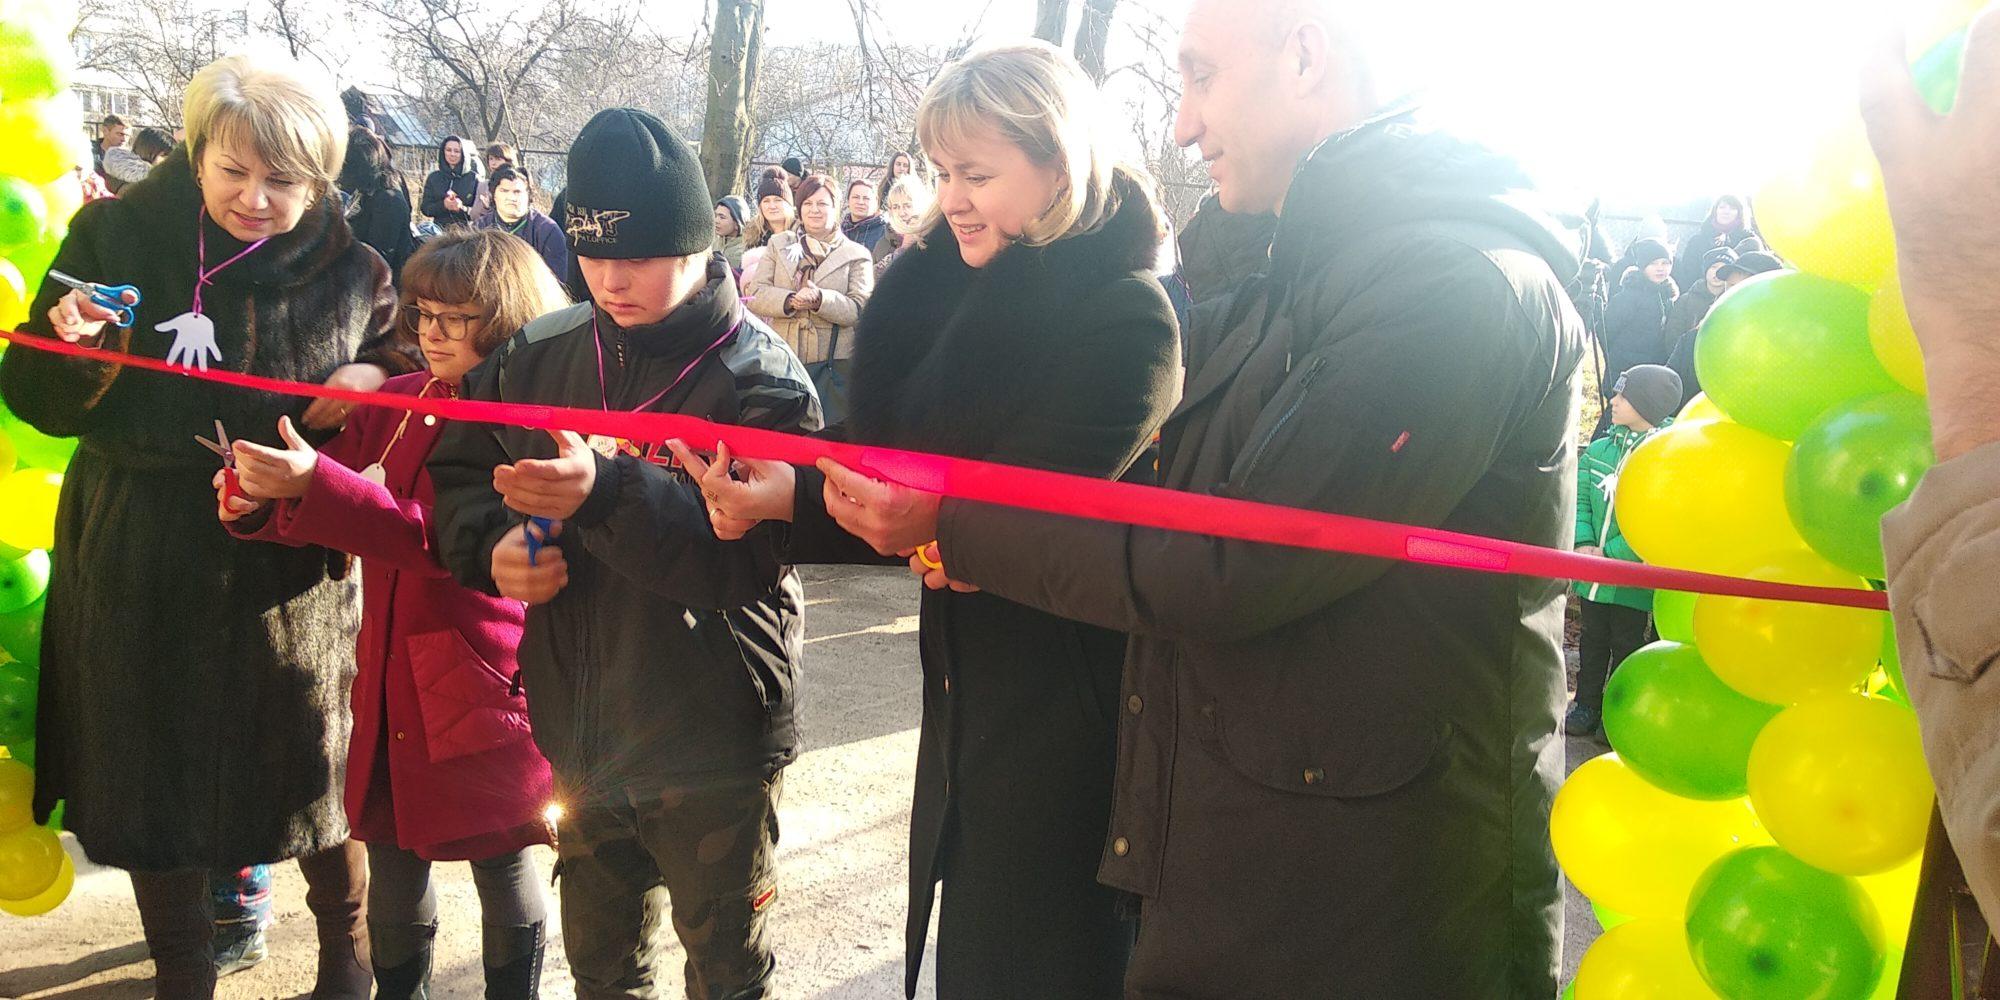 У День Миколая в Бородянці відкрили перший інклюзивно-ресурсний центр - інклюзія, Інклюзивно-ресурсний центр, Бородянка - IMG 20191219 112124 1 2000x1000